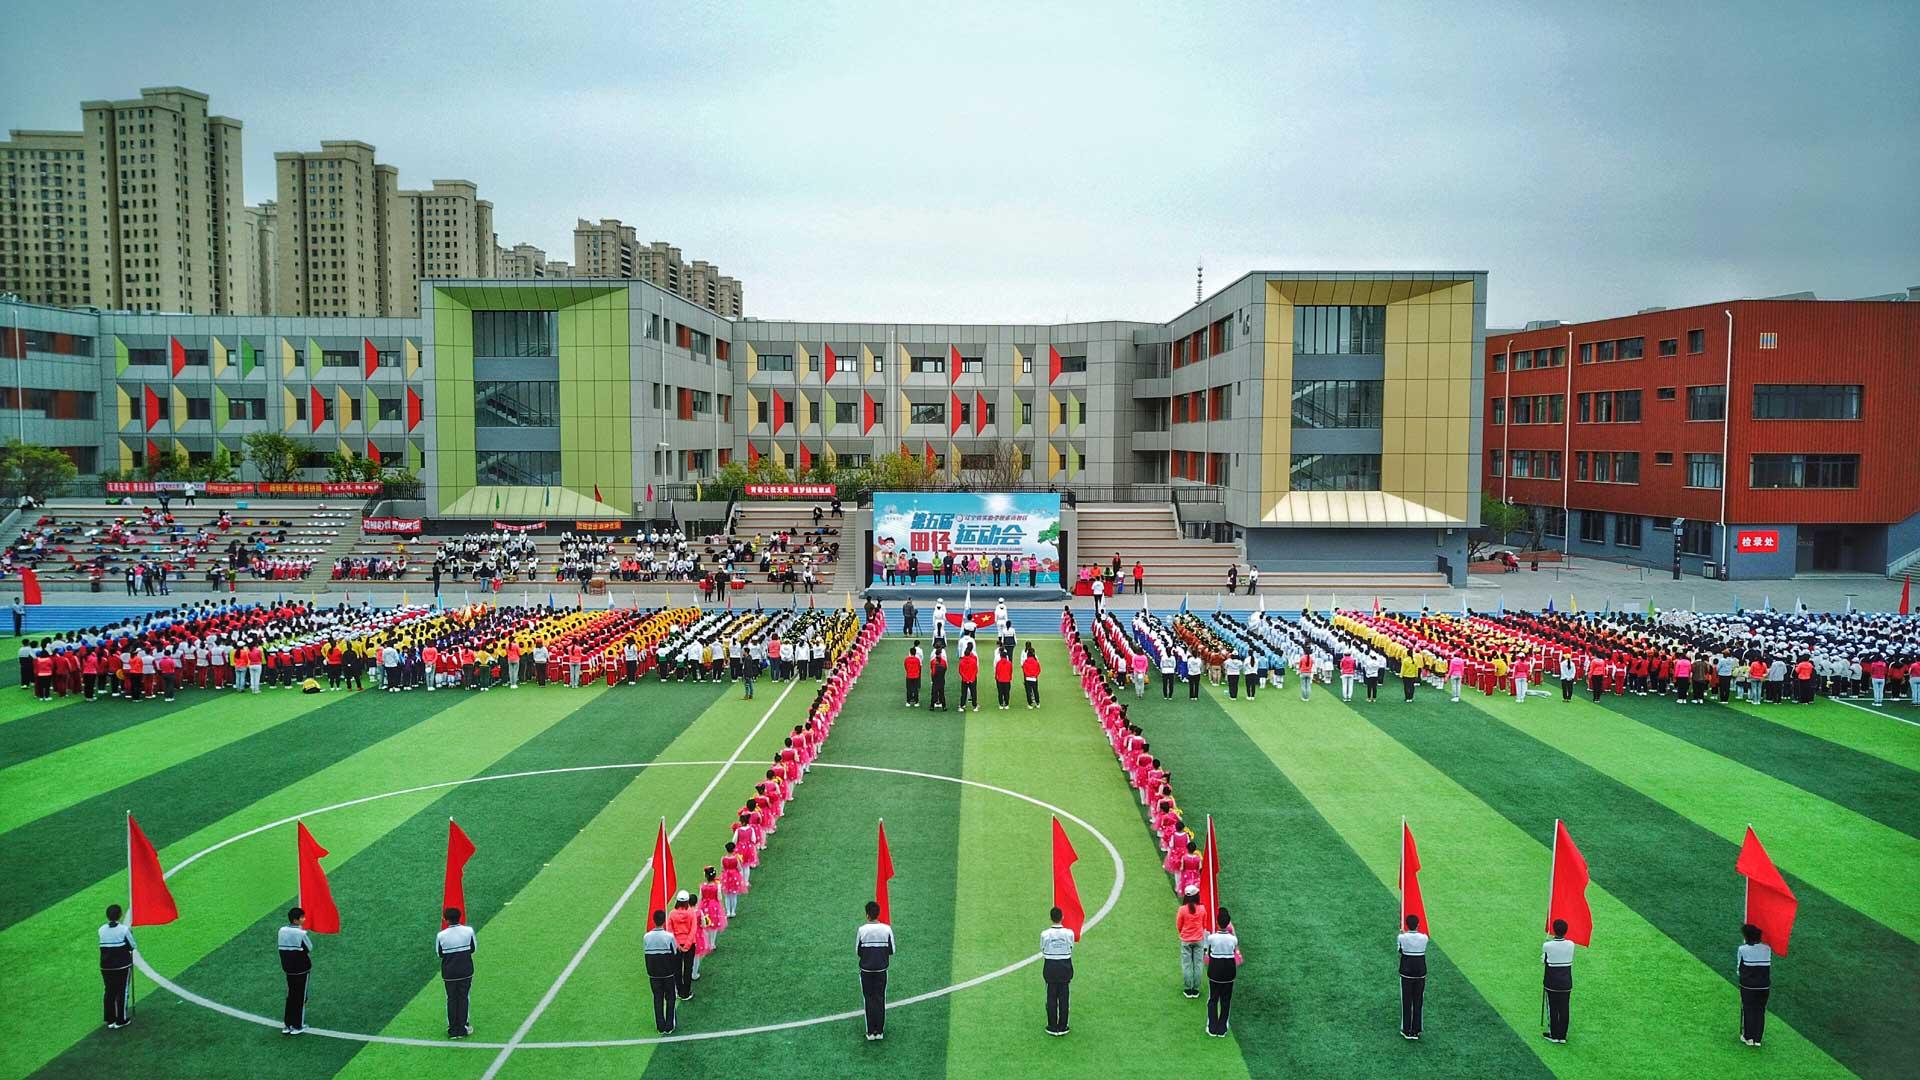 辽宁省实验学校赤山校区第五届田径运动会拉开战幕